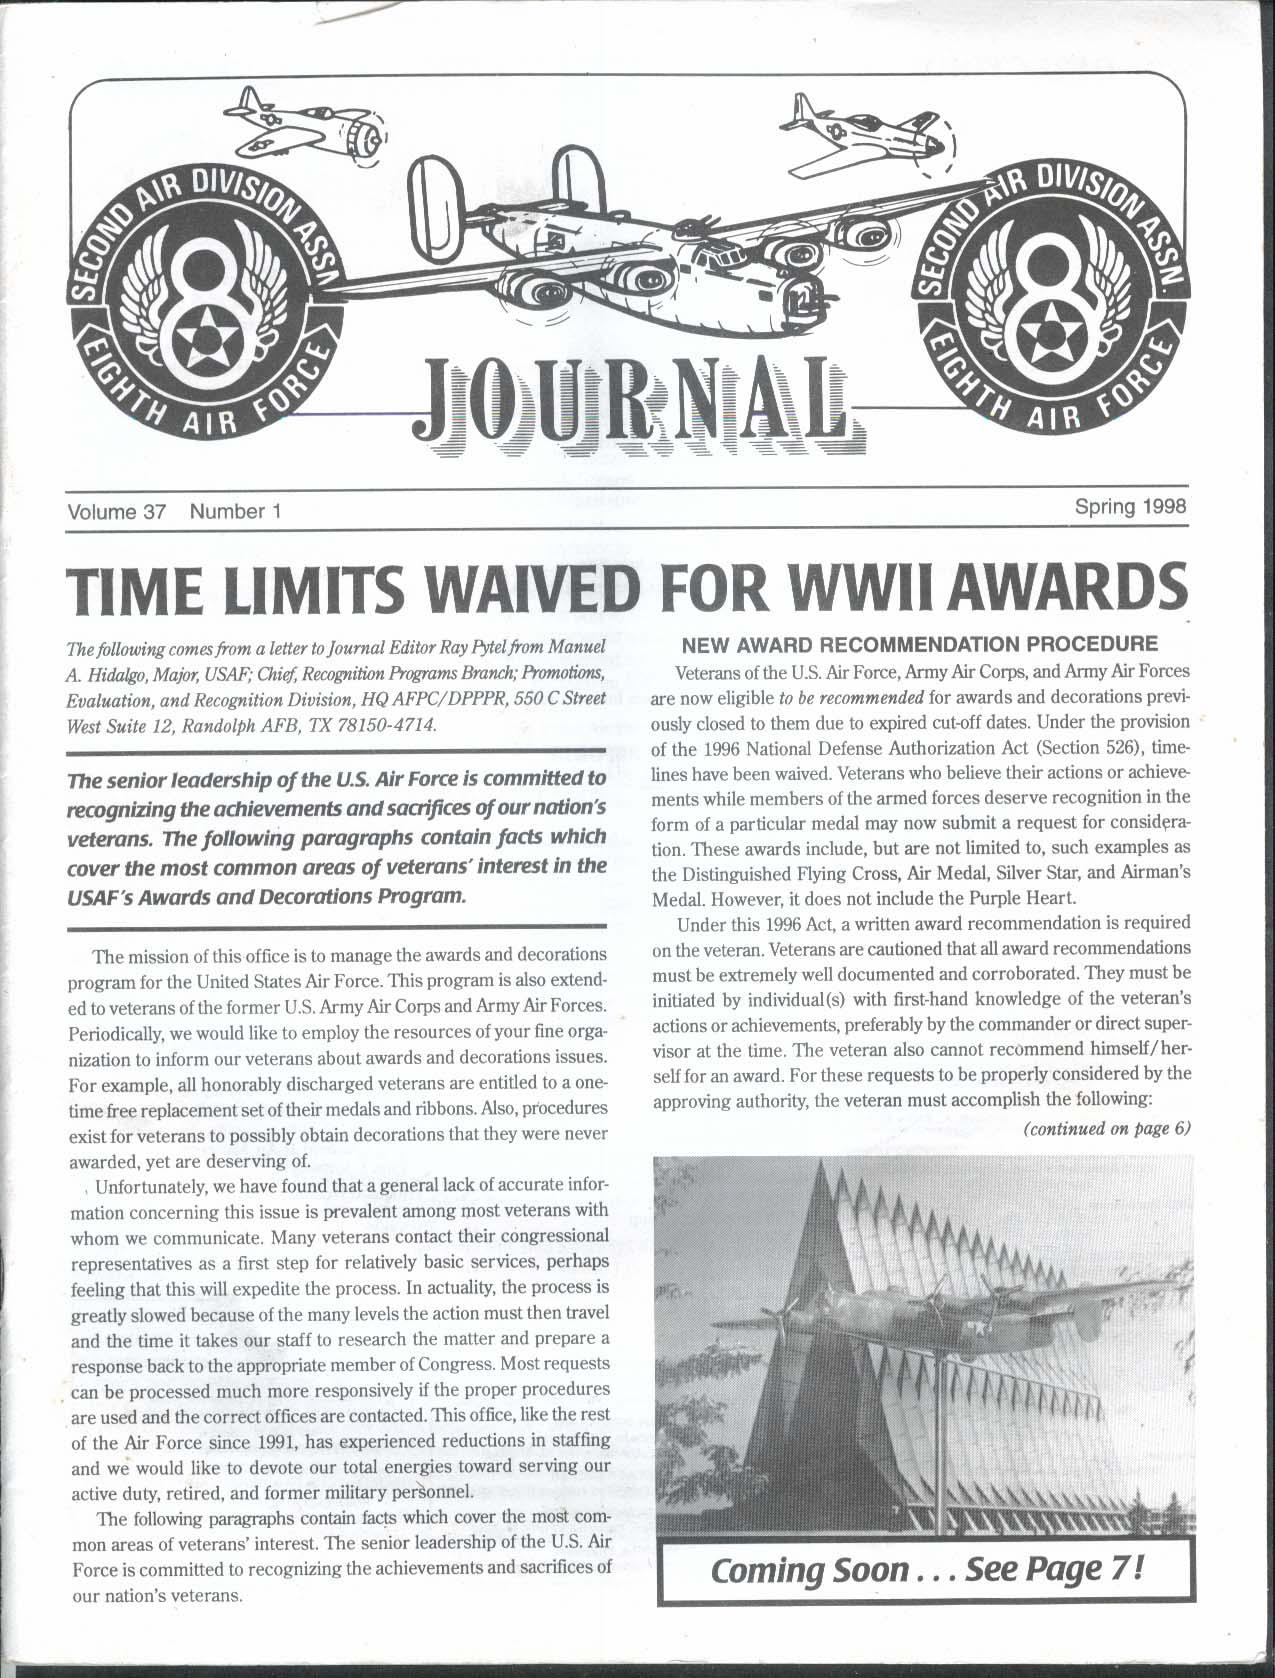 2nd Air Division Journal 8th Air Force Vol 37 #1 Leon Johnson Spring 1998